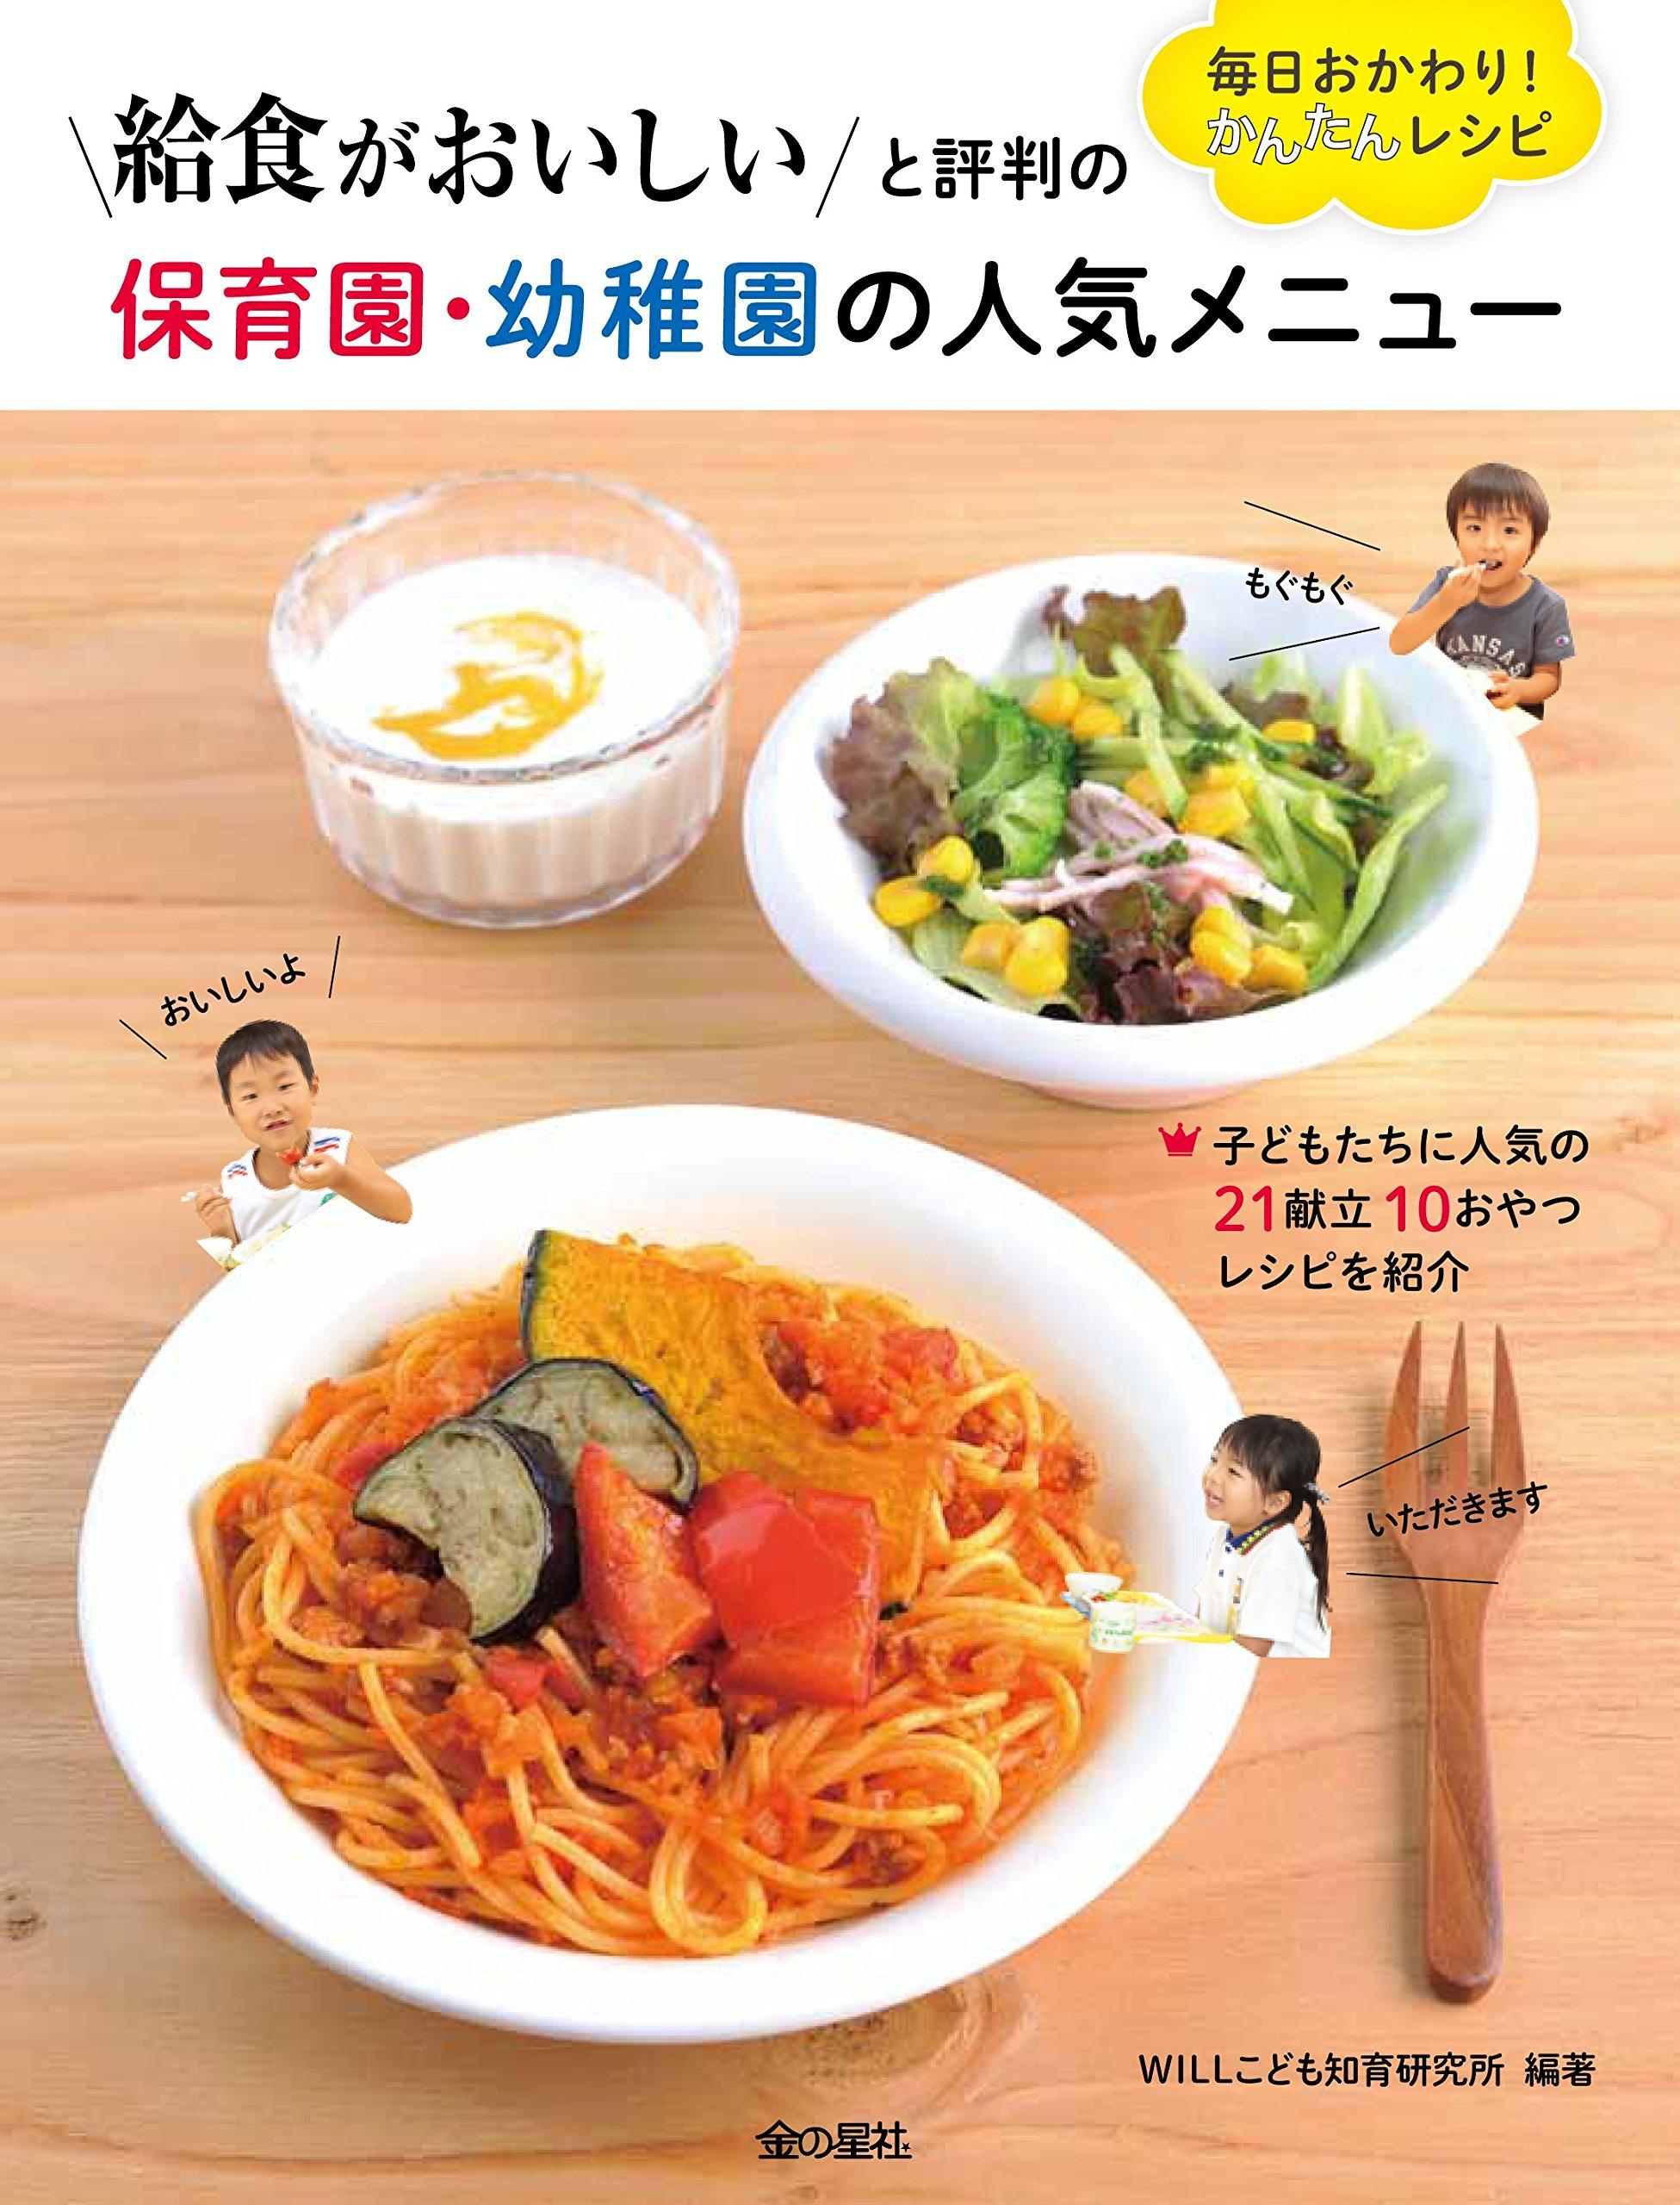 給食がおいしいと評判の 保育園・幼稚園の人気メニュー  著:WILLこども知育研究所